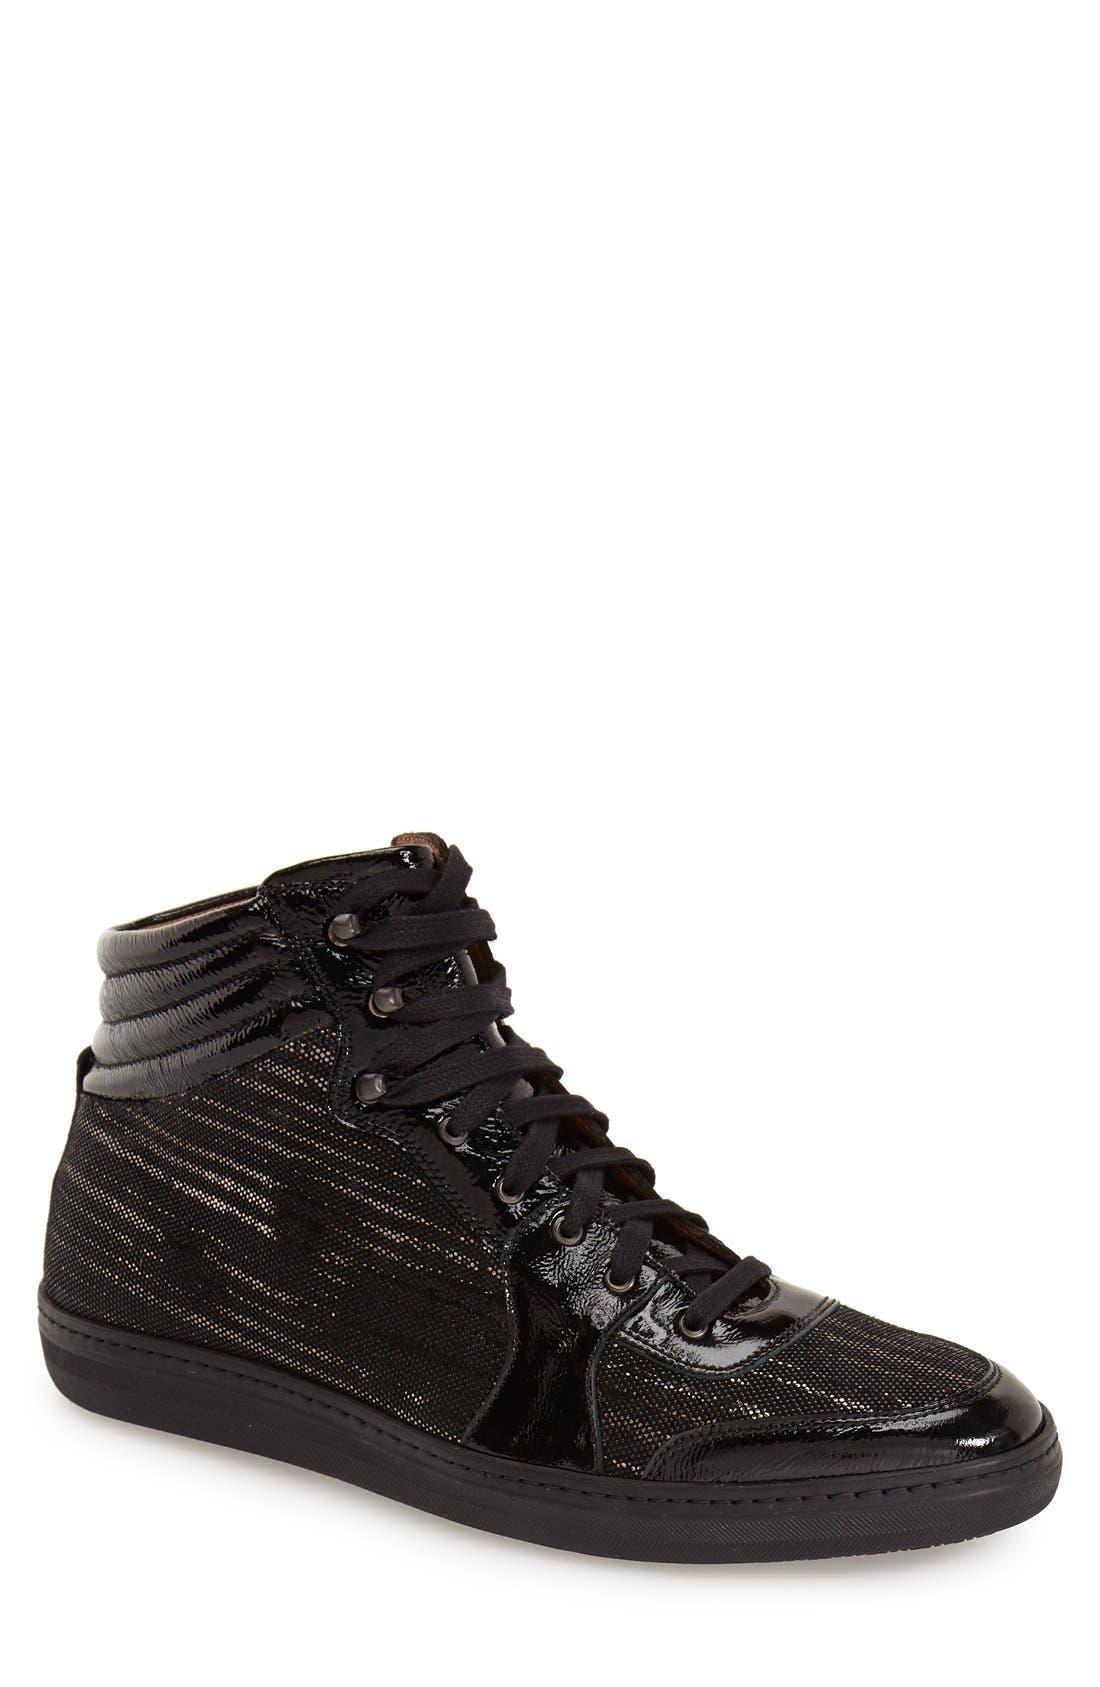 'Bordeau' Sneaker,                             Main thumbnail 1, color,                             001